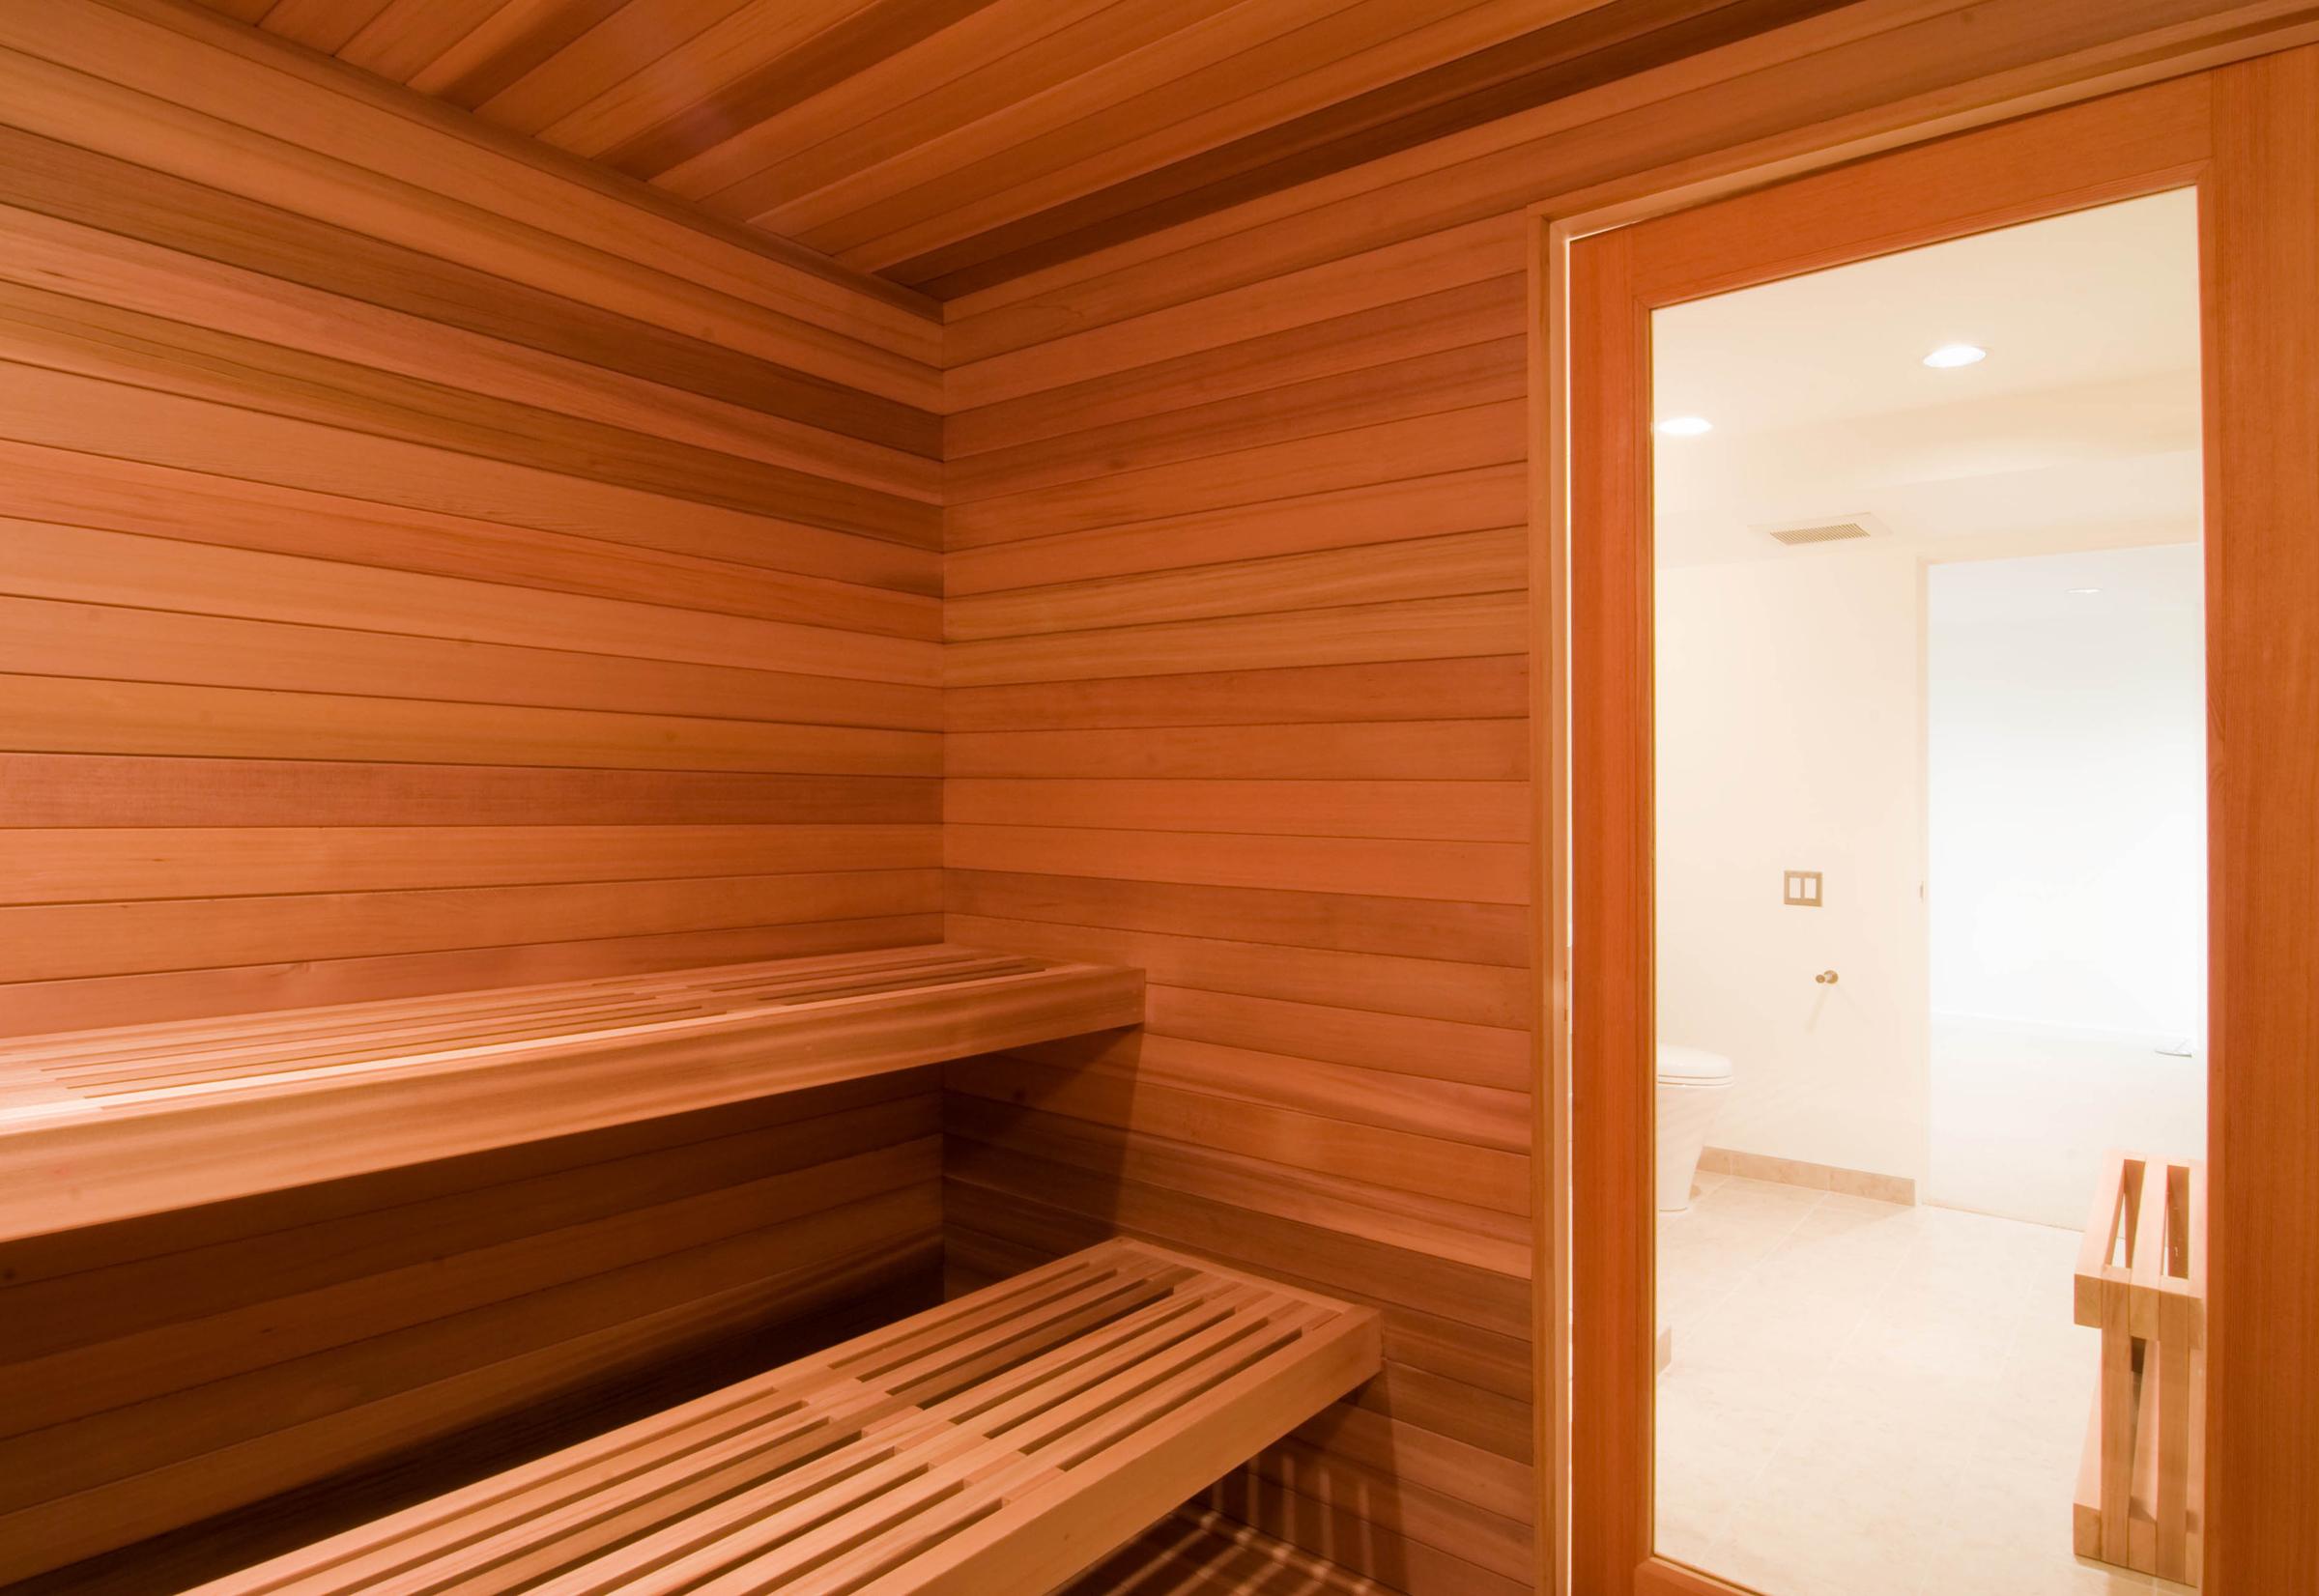 Weederneck1 39 s blog for Modern home decor llc